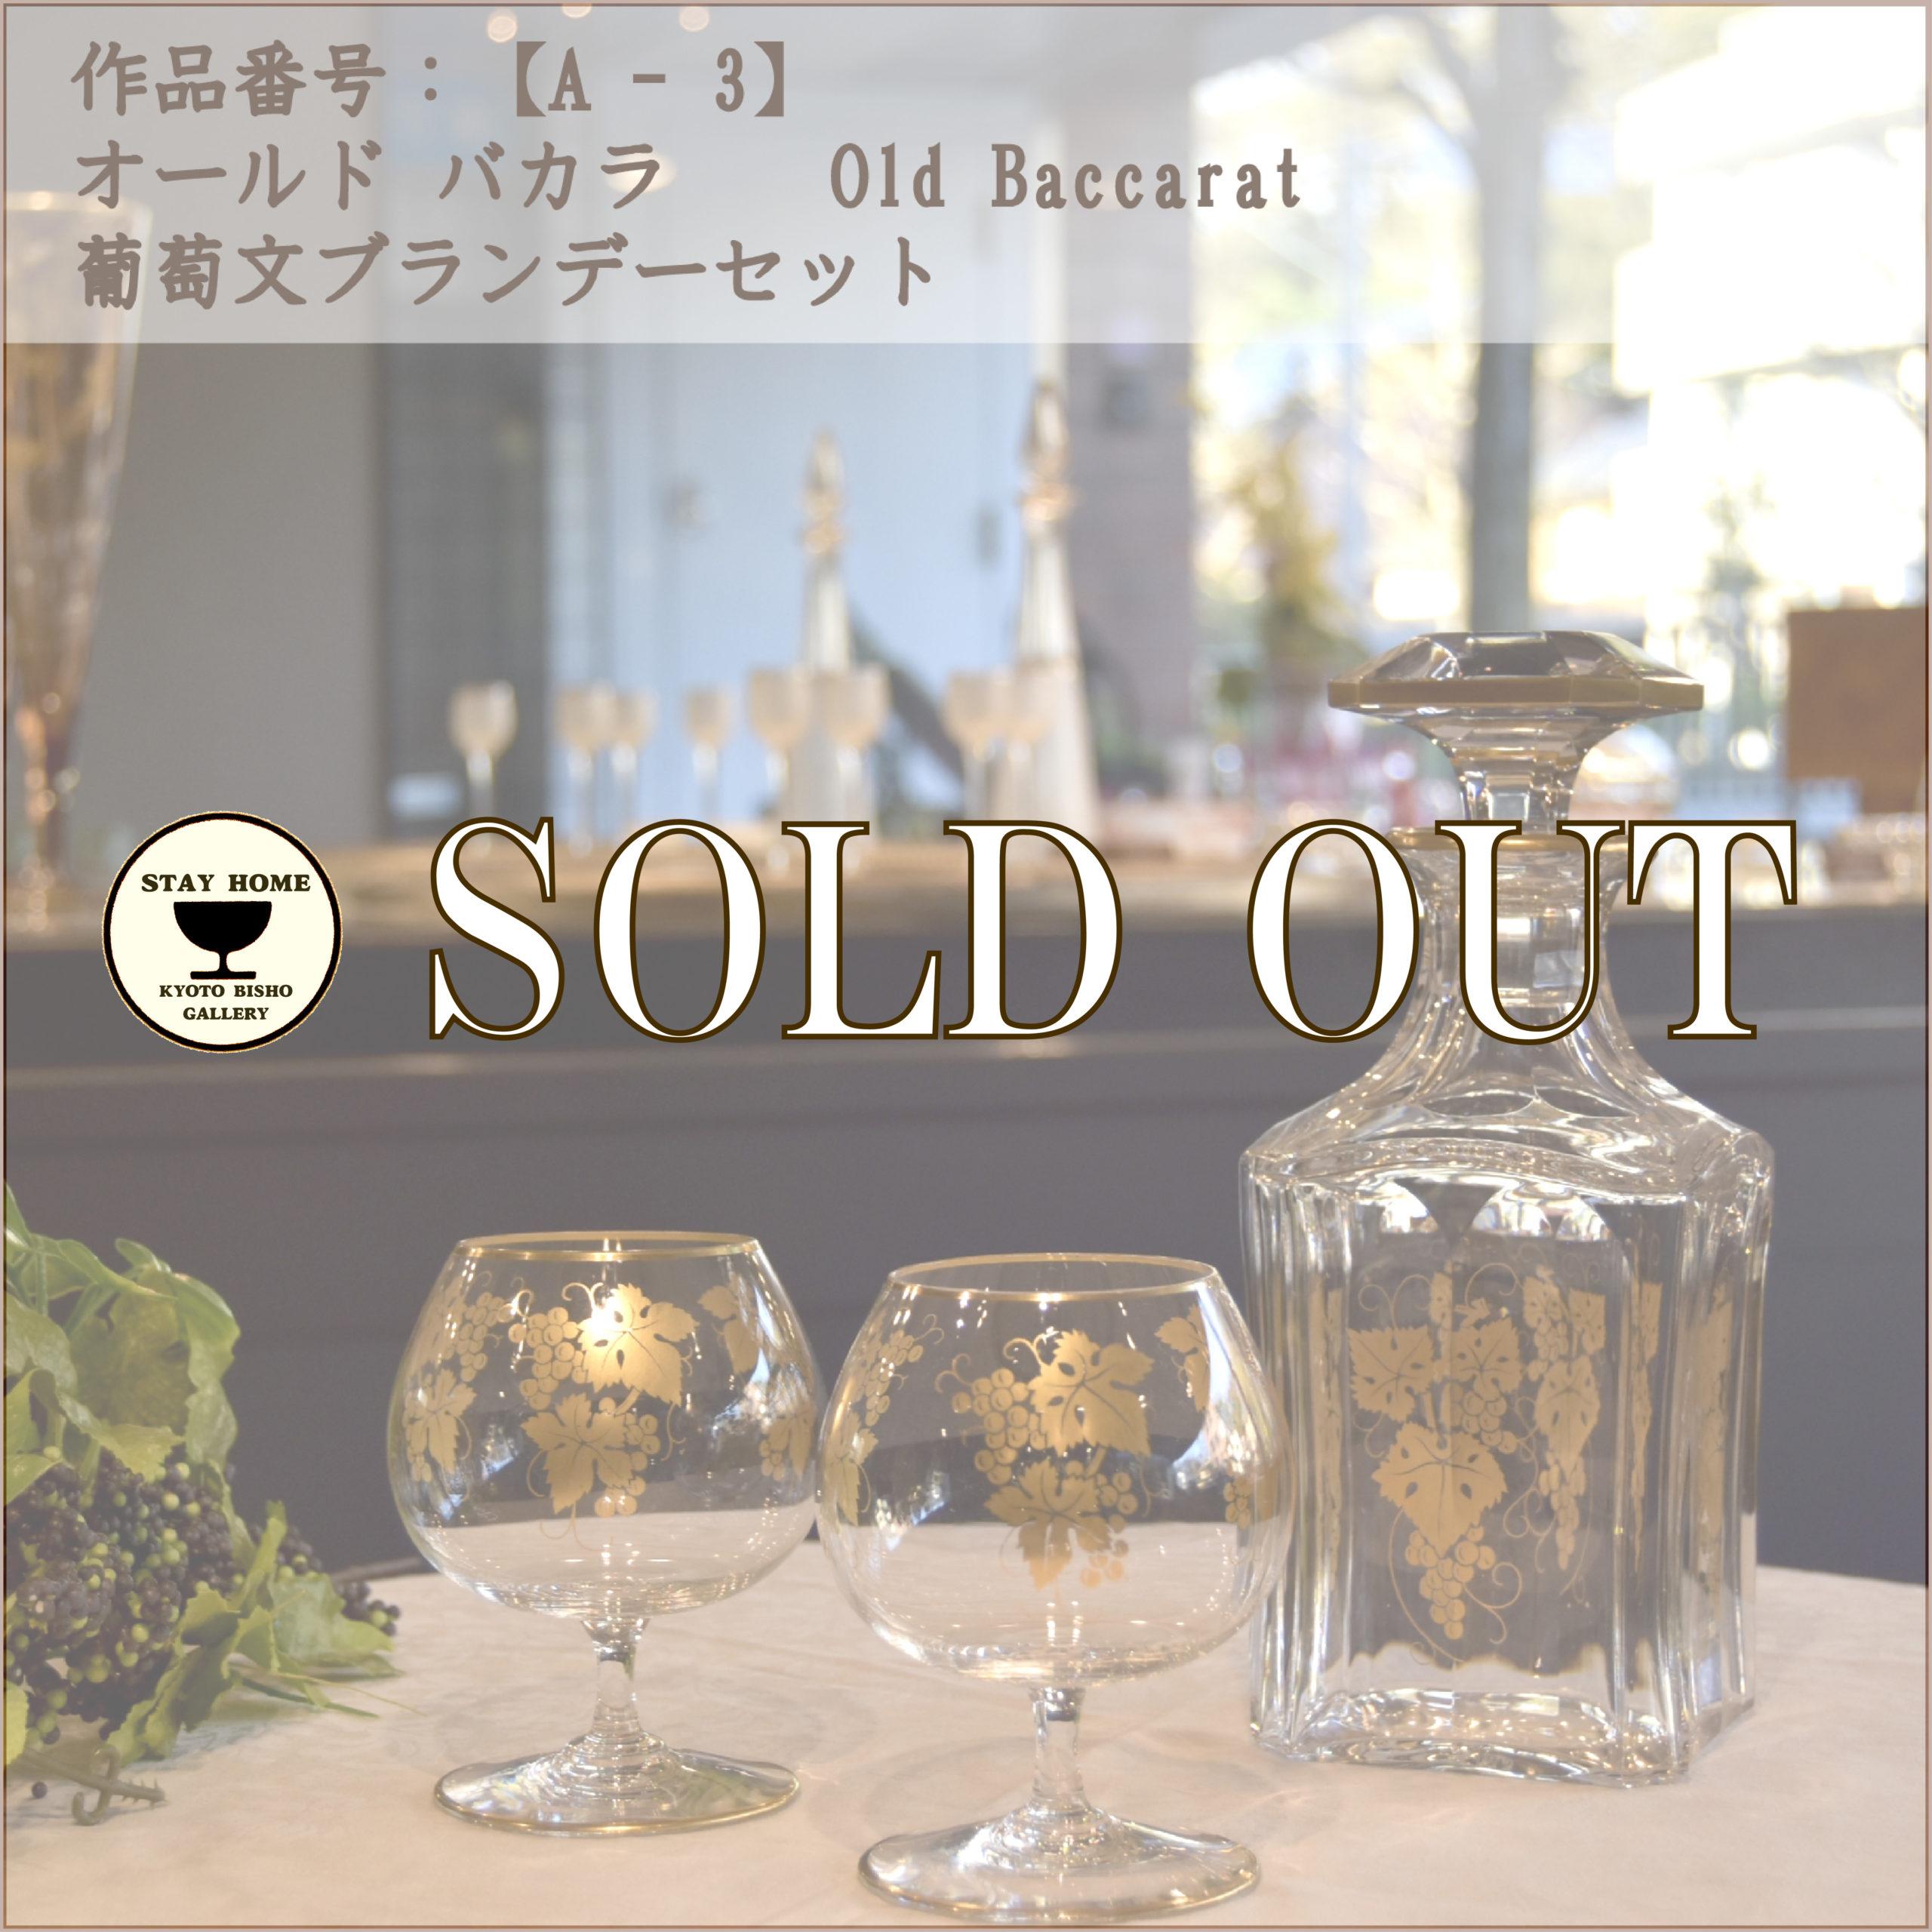 作品番号【A-3】オールド バカラ ブランデーセット